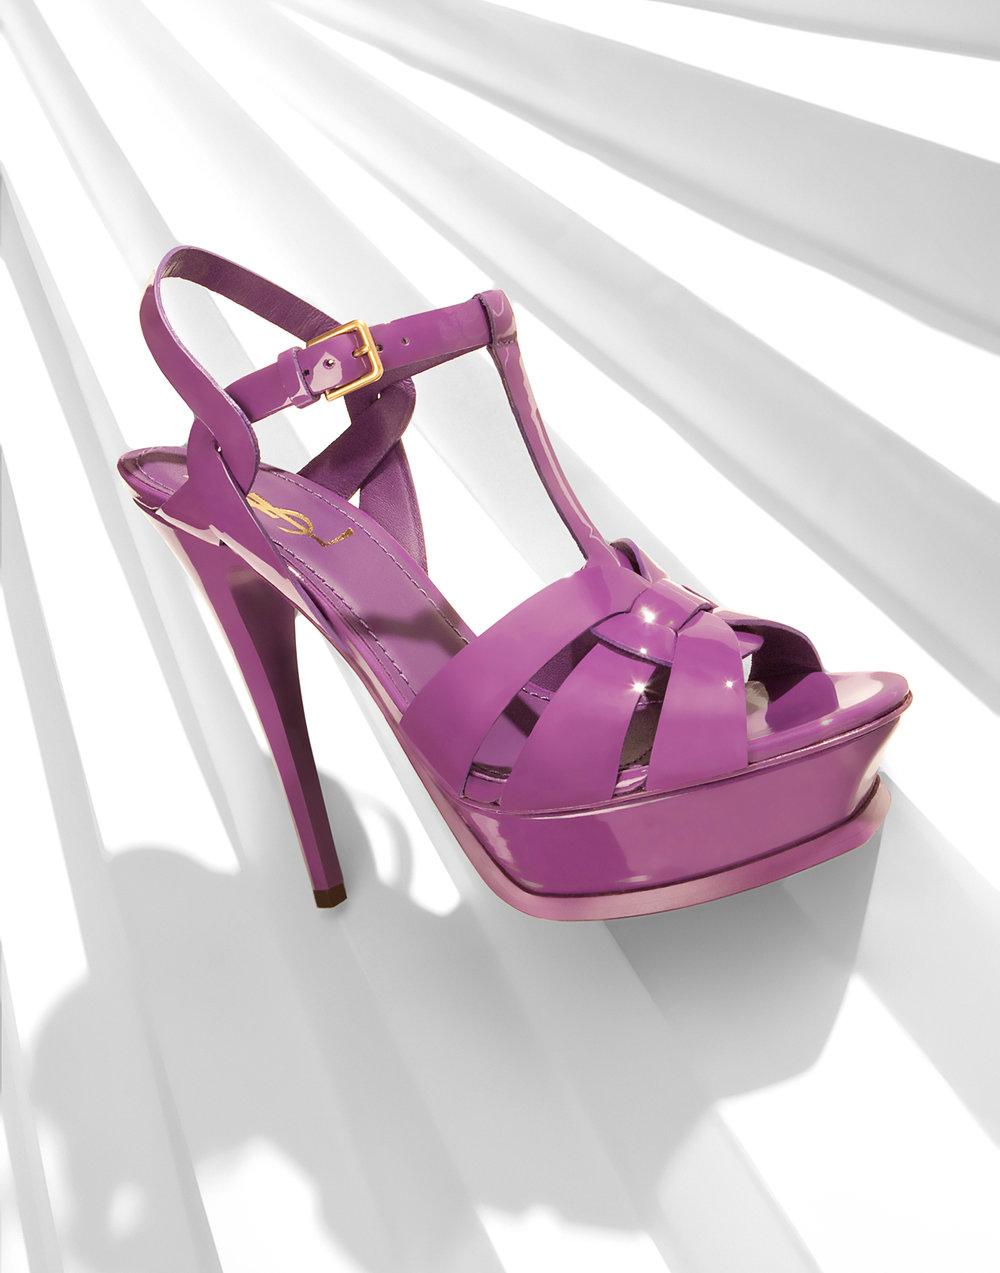 shoepurple_fin.jpg